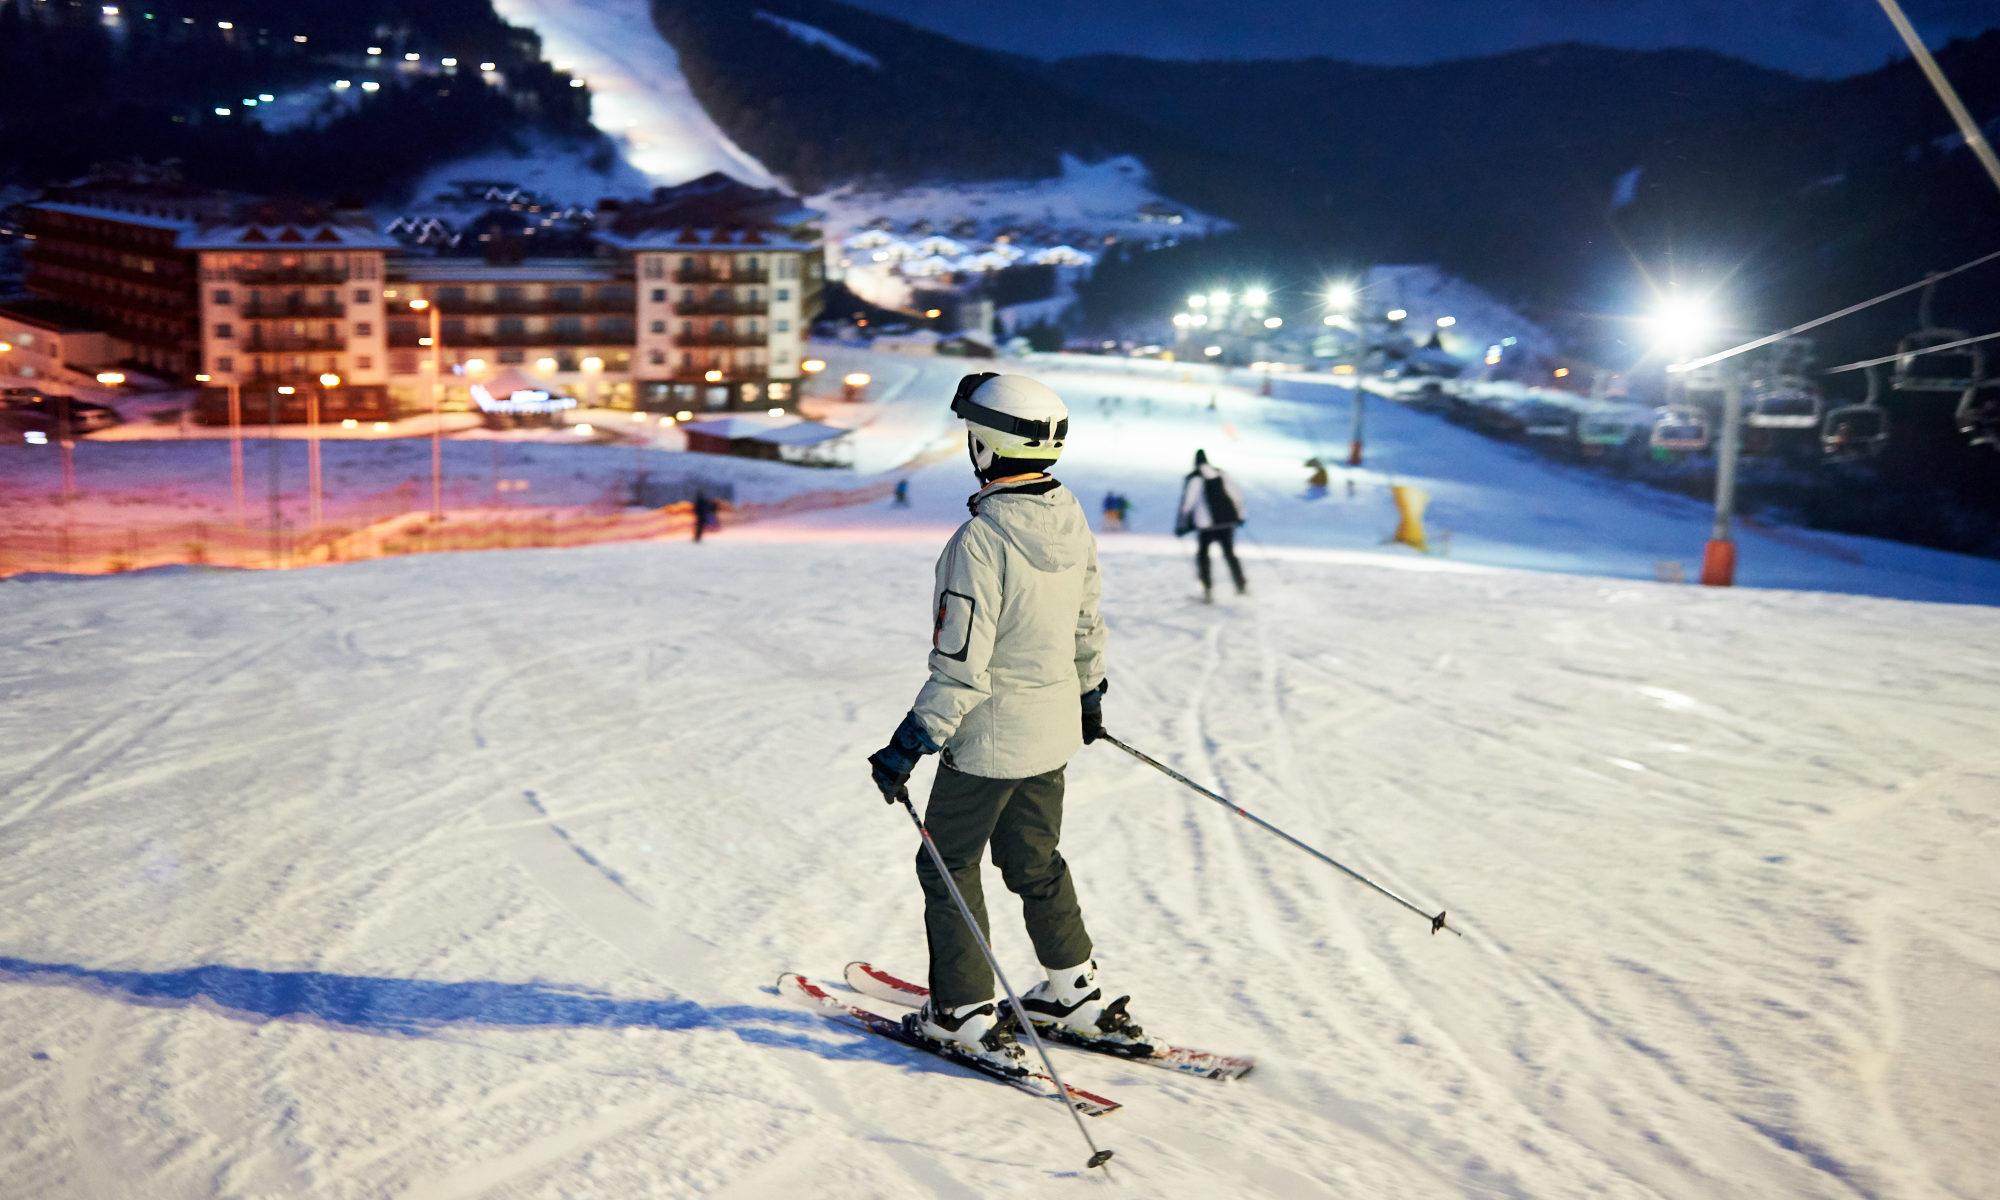 Uno sciatore in procinto di cominciare la discesa di una pista illuminata di notte.